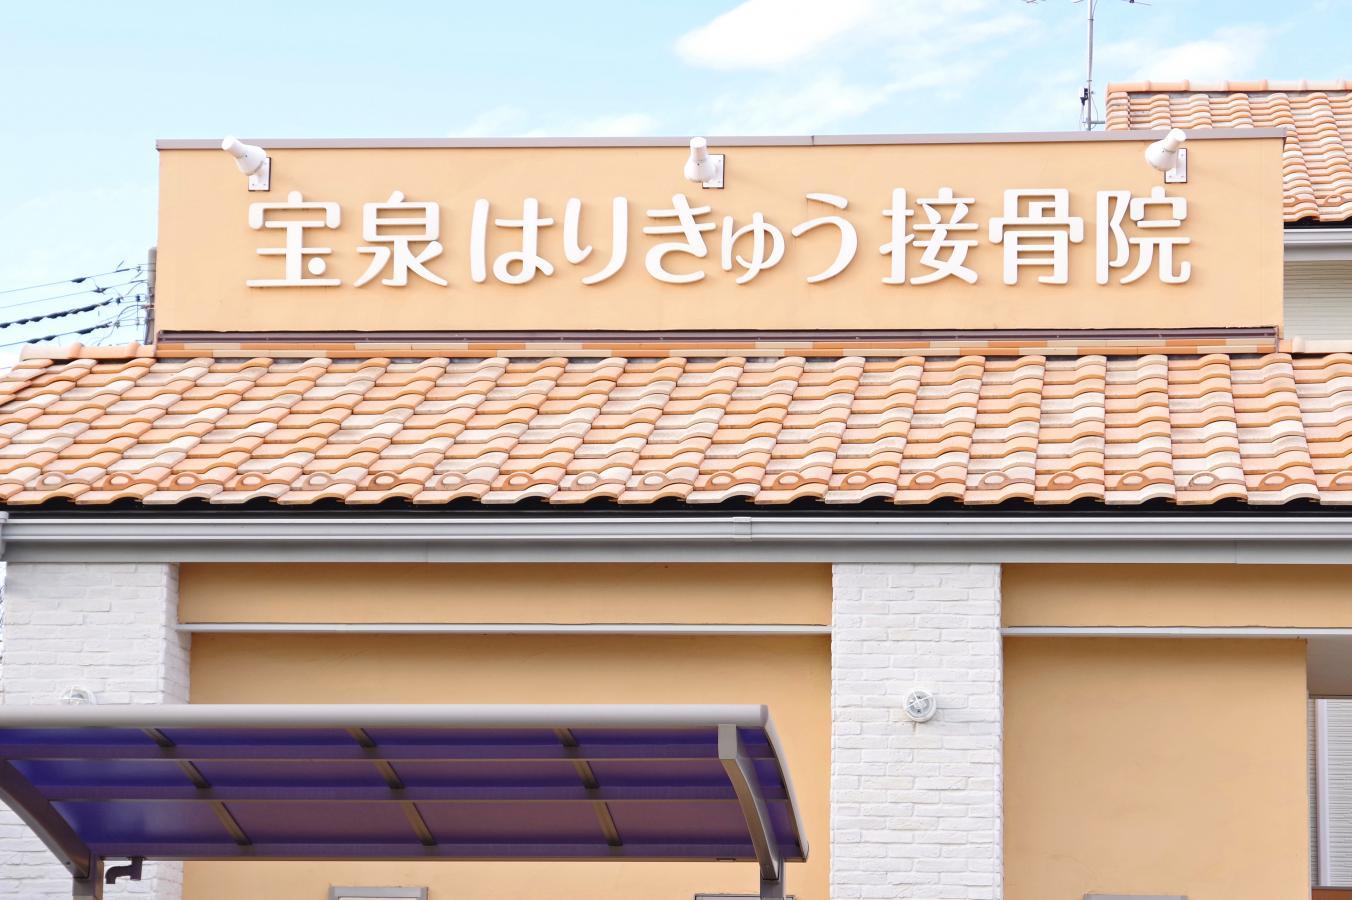 屋根上の大きく名称